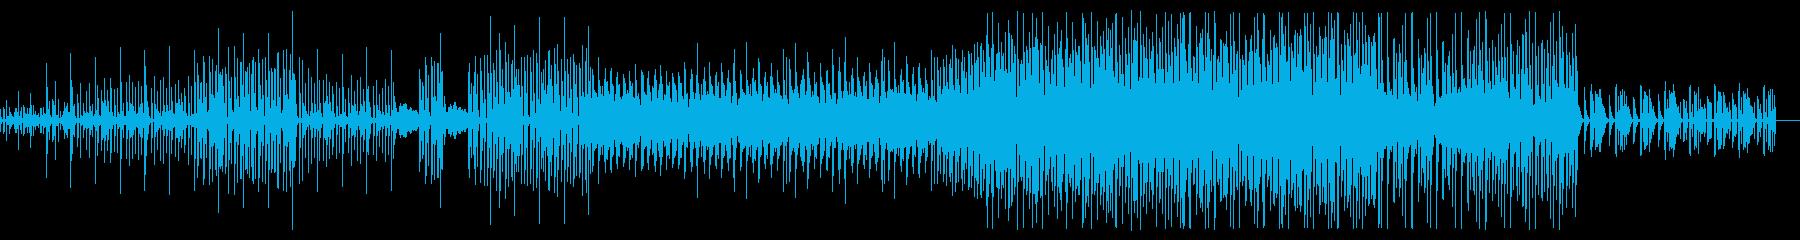 ディープなシンセが印象的なダンサブルな曲の再生済みの波形